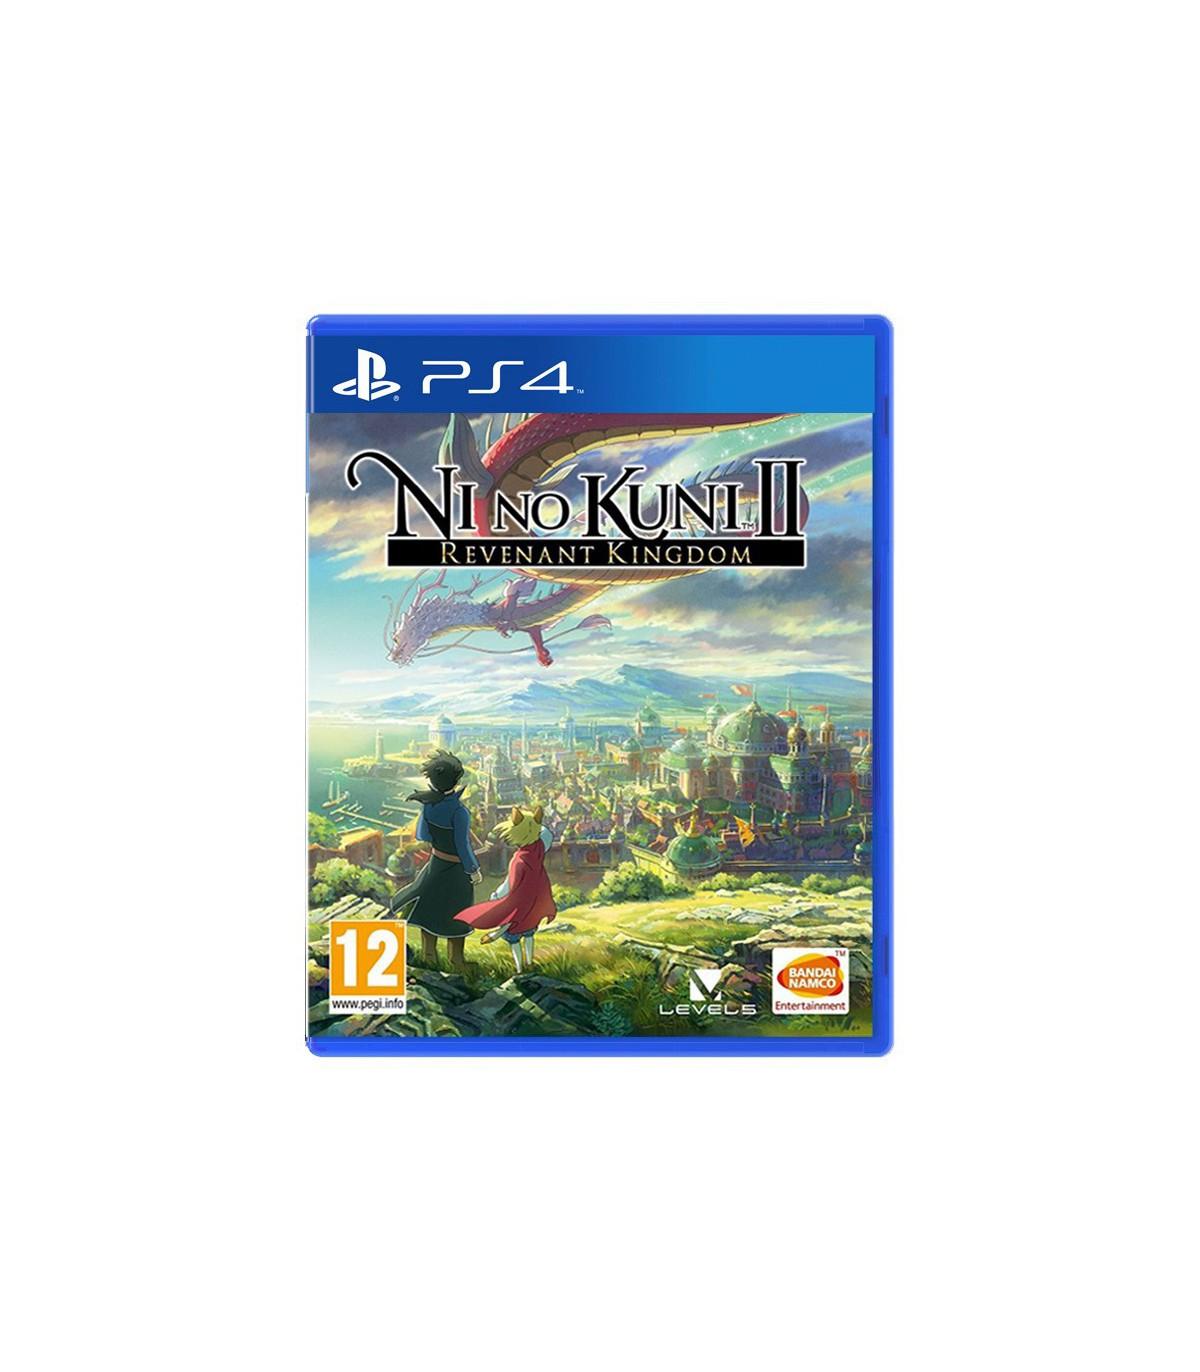 بازی Ni no Kuni II  Revenant Kingdom - پلی استیشن 4